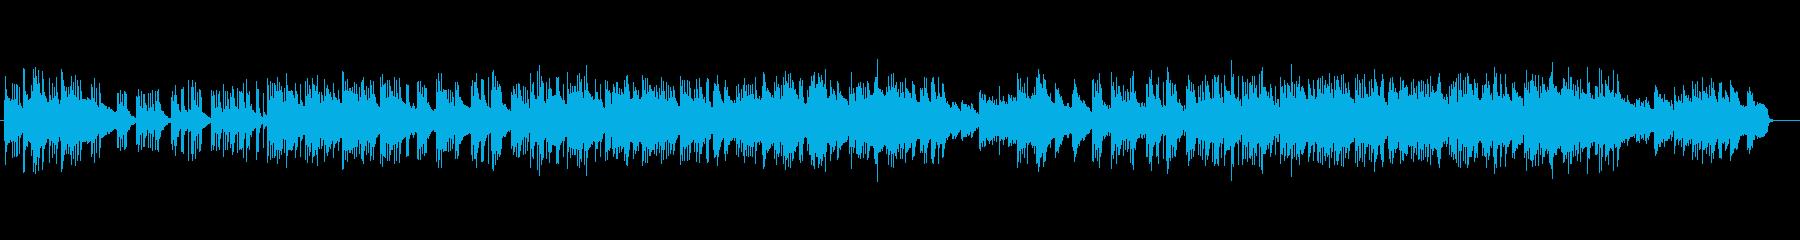 魅惑のトリスターナのオルゴールの再生済みの波形